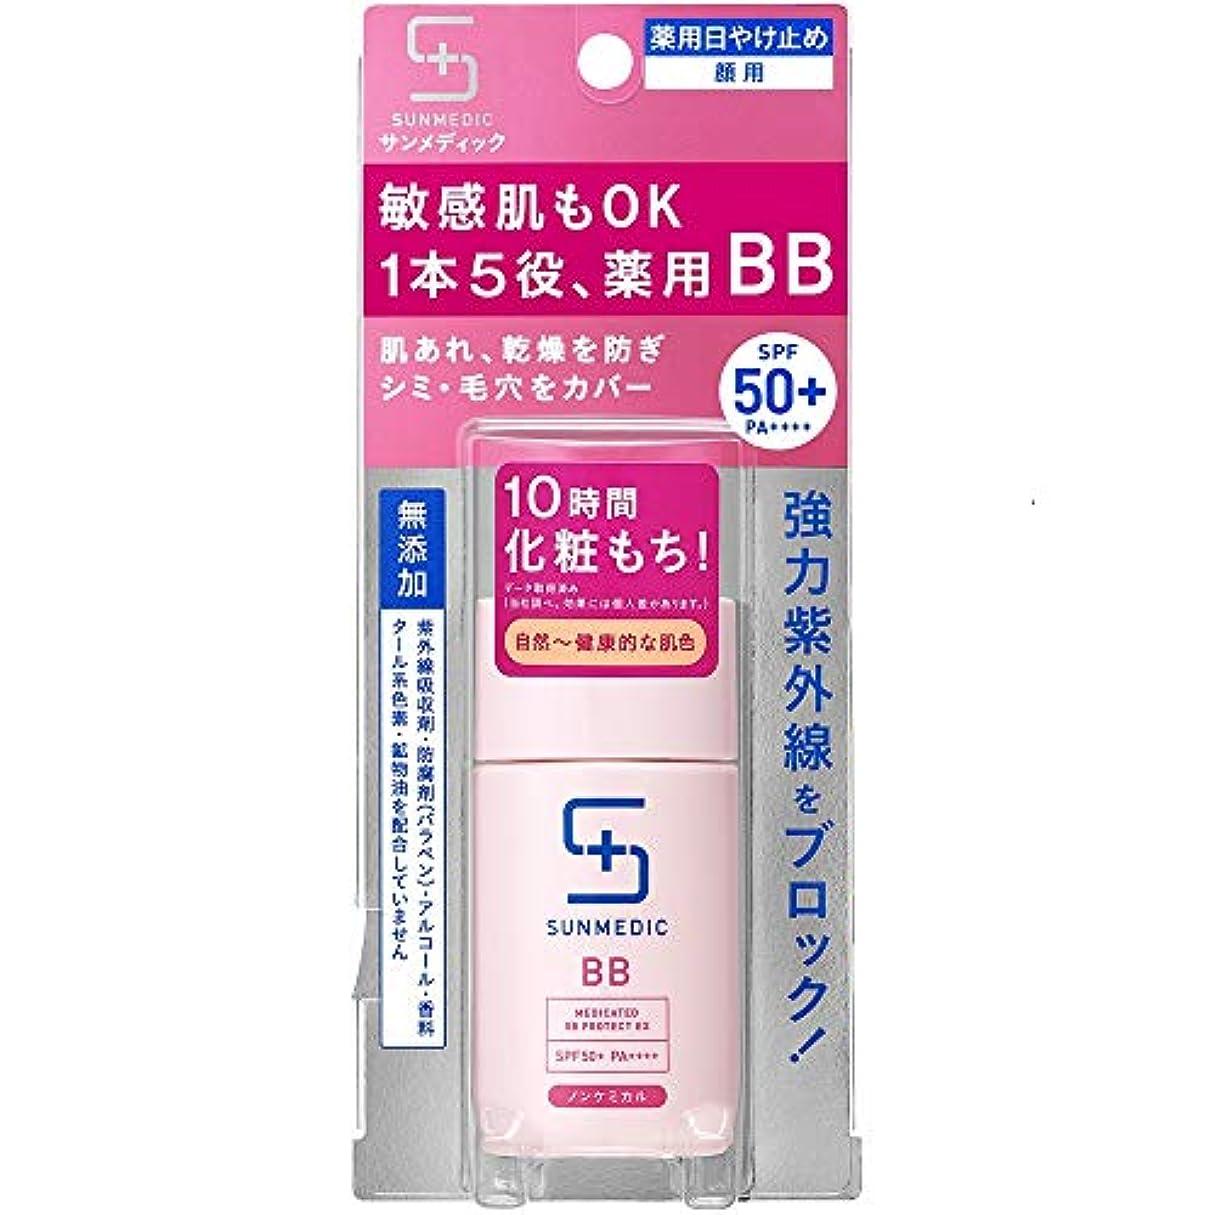 枯れる通知する担当者サンメディックUV 薬用BBプロテクトEX ナチュラル 30ml (医薬部外品)